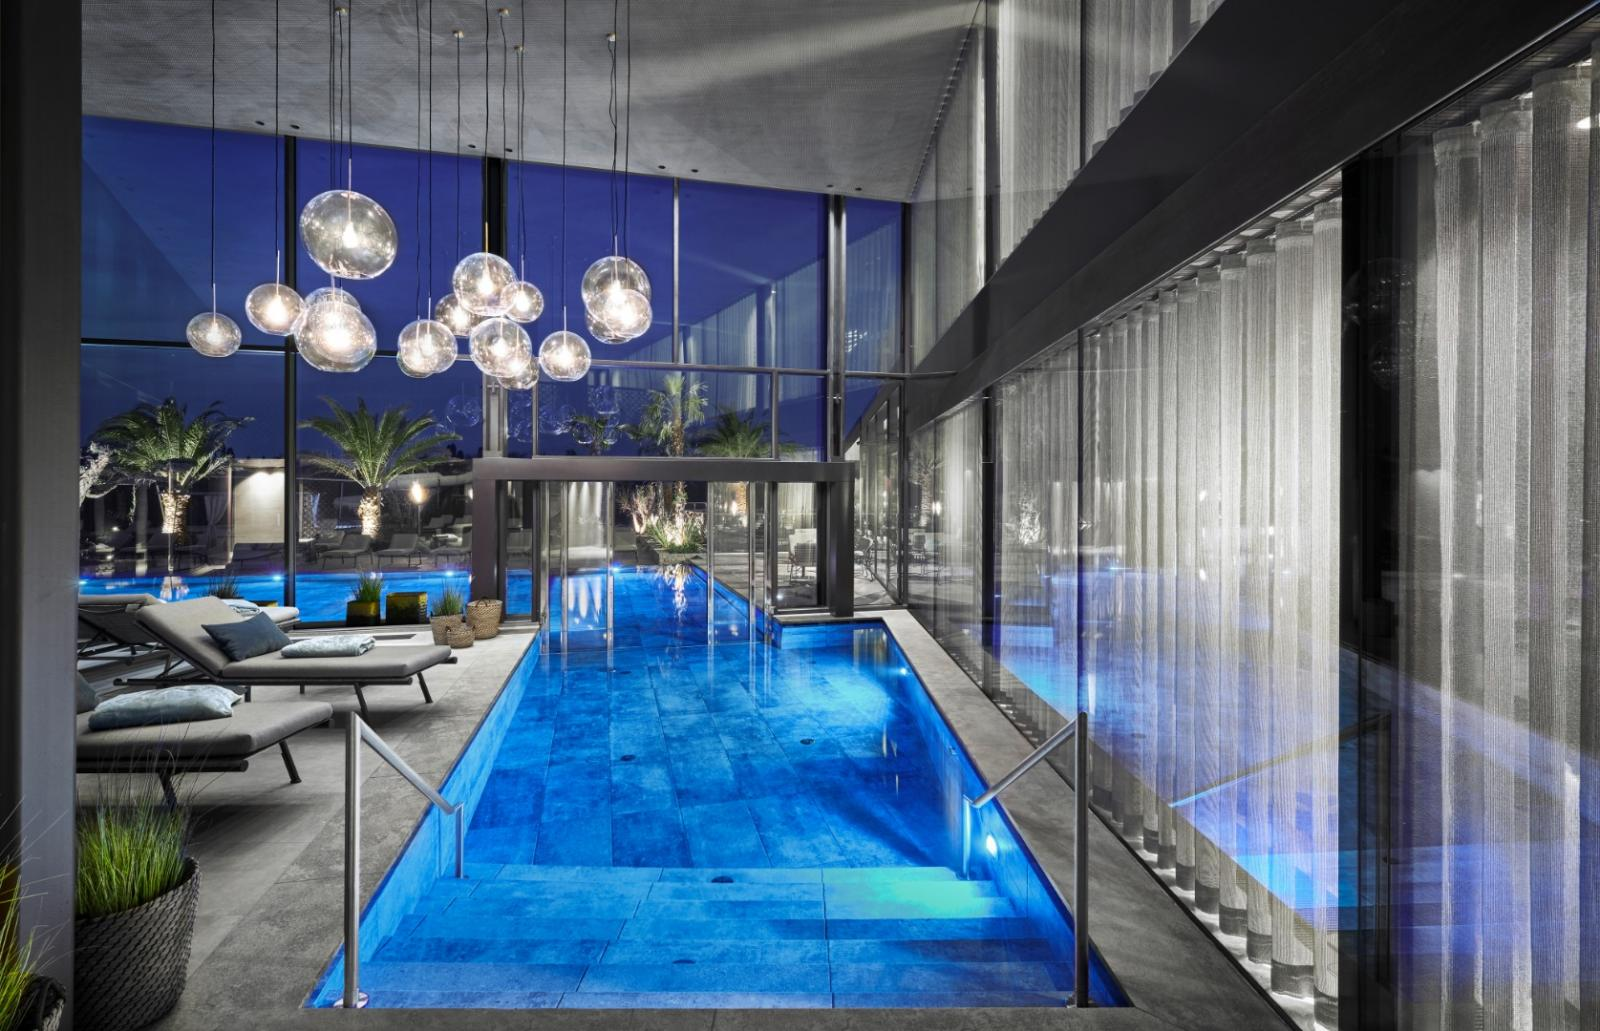 Fastenkur: Foto vom Wellnesshotel Hotel Quellenhof Luxury Resort Lazise | Wellness Venetien